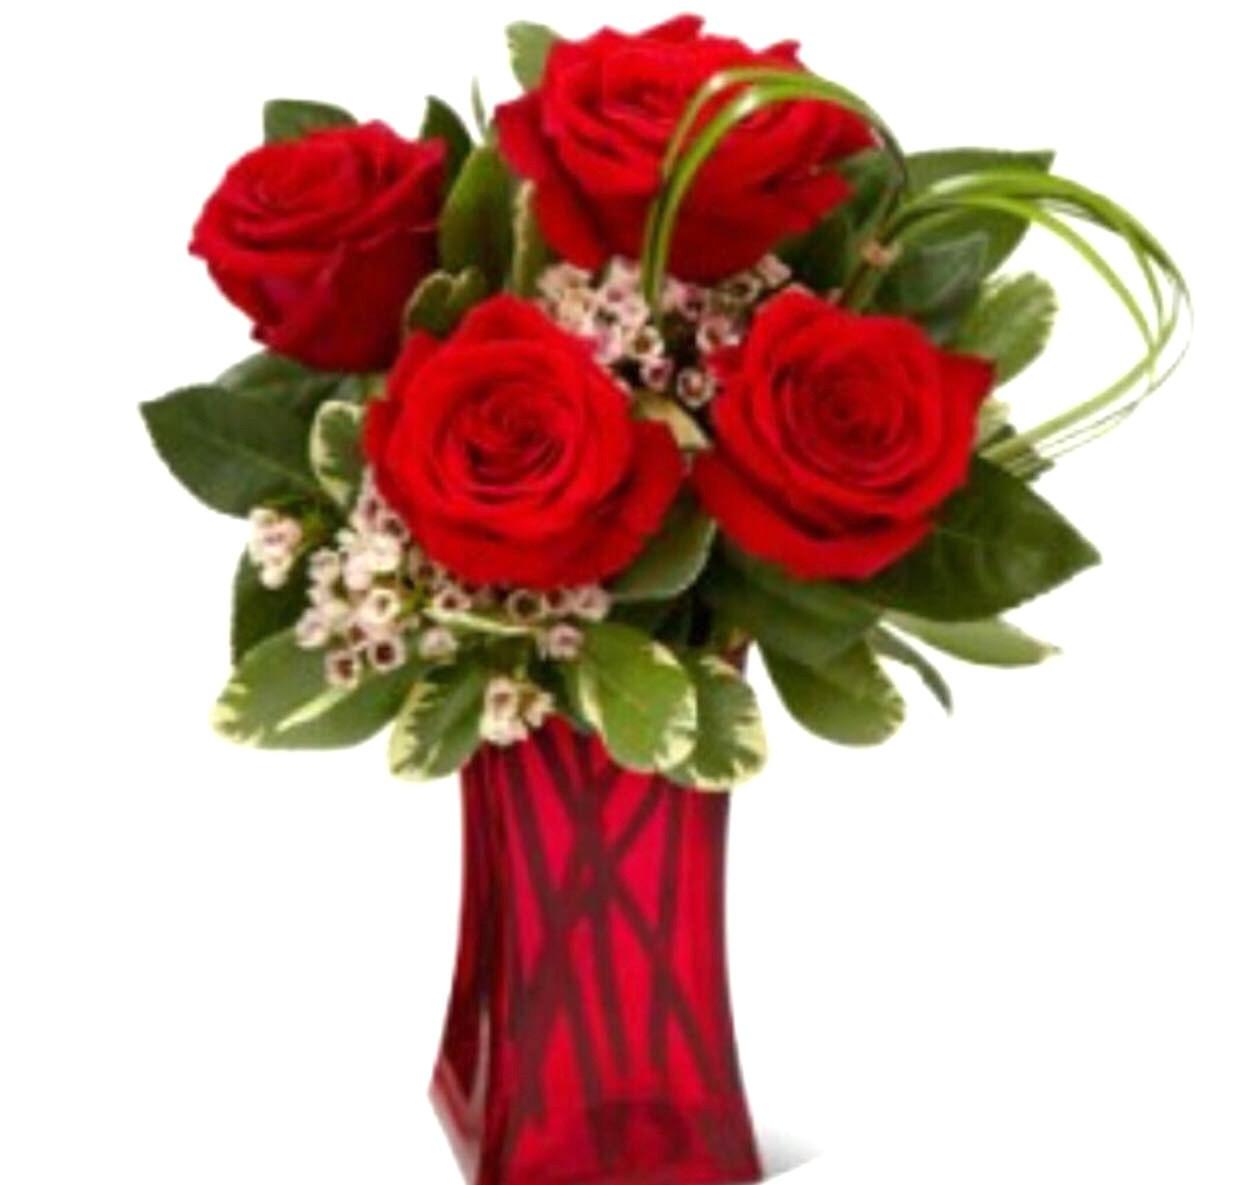 stone flower vases of elegant roses in a vase pictures beginneryogaclassesnear me pertaining to flower red modern 6 roses in a vaseh vases s vase vasei 0d